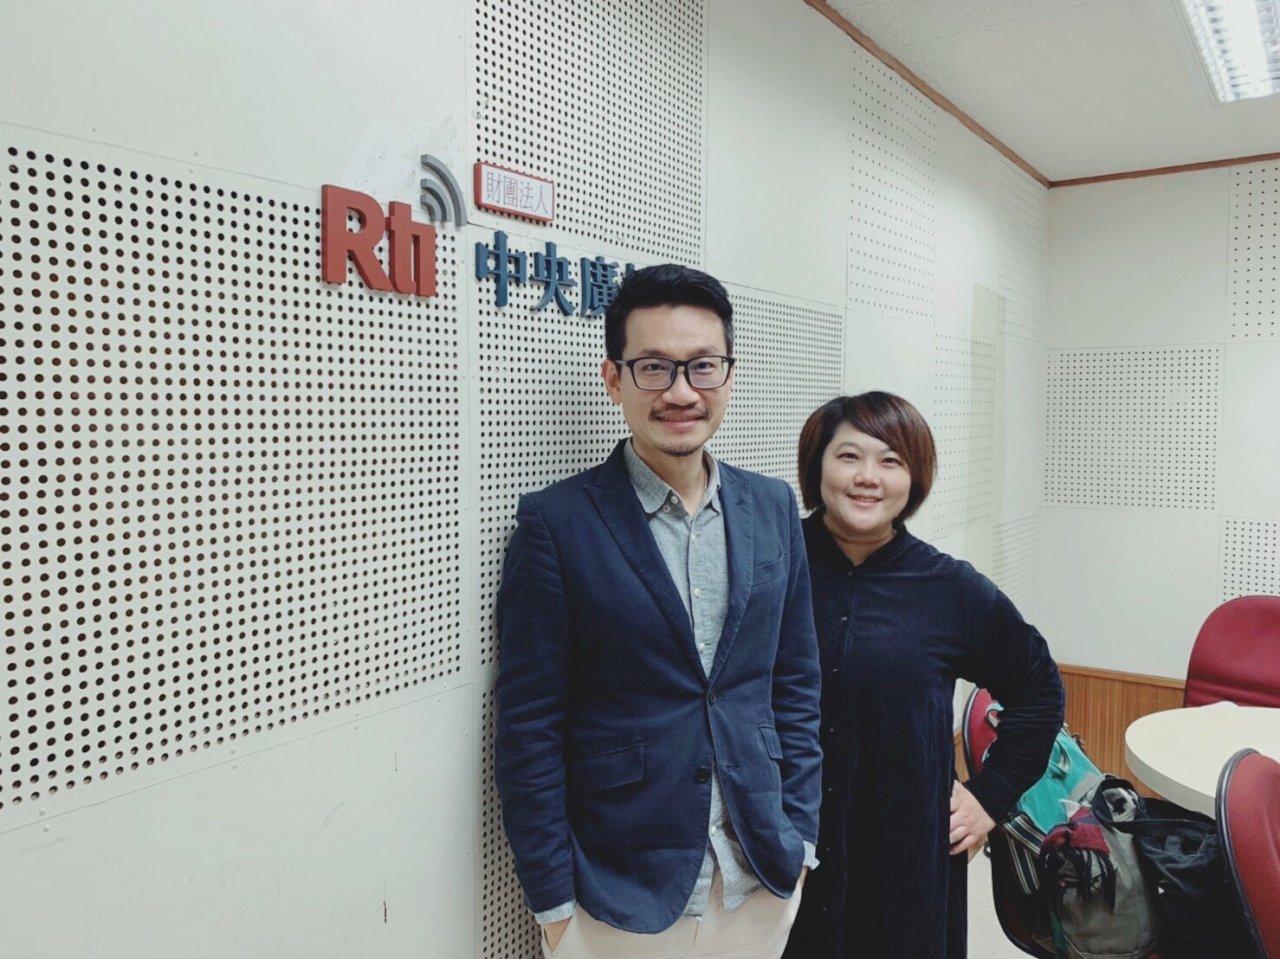 鍵盤高手化身為台北流行音樂中心執行長—呂聖斐的音樂本事